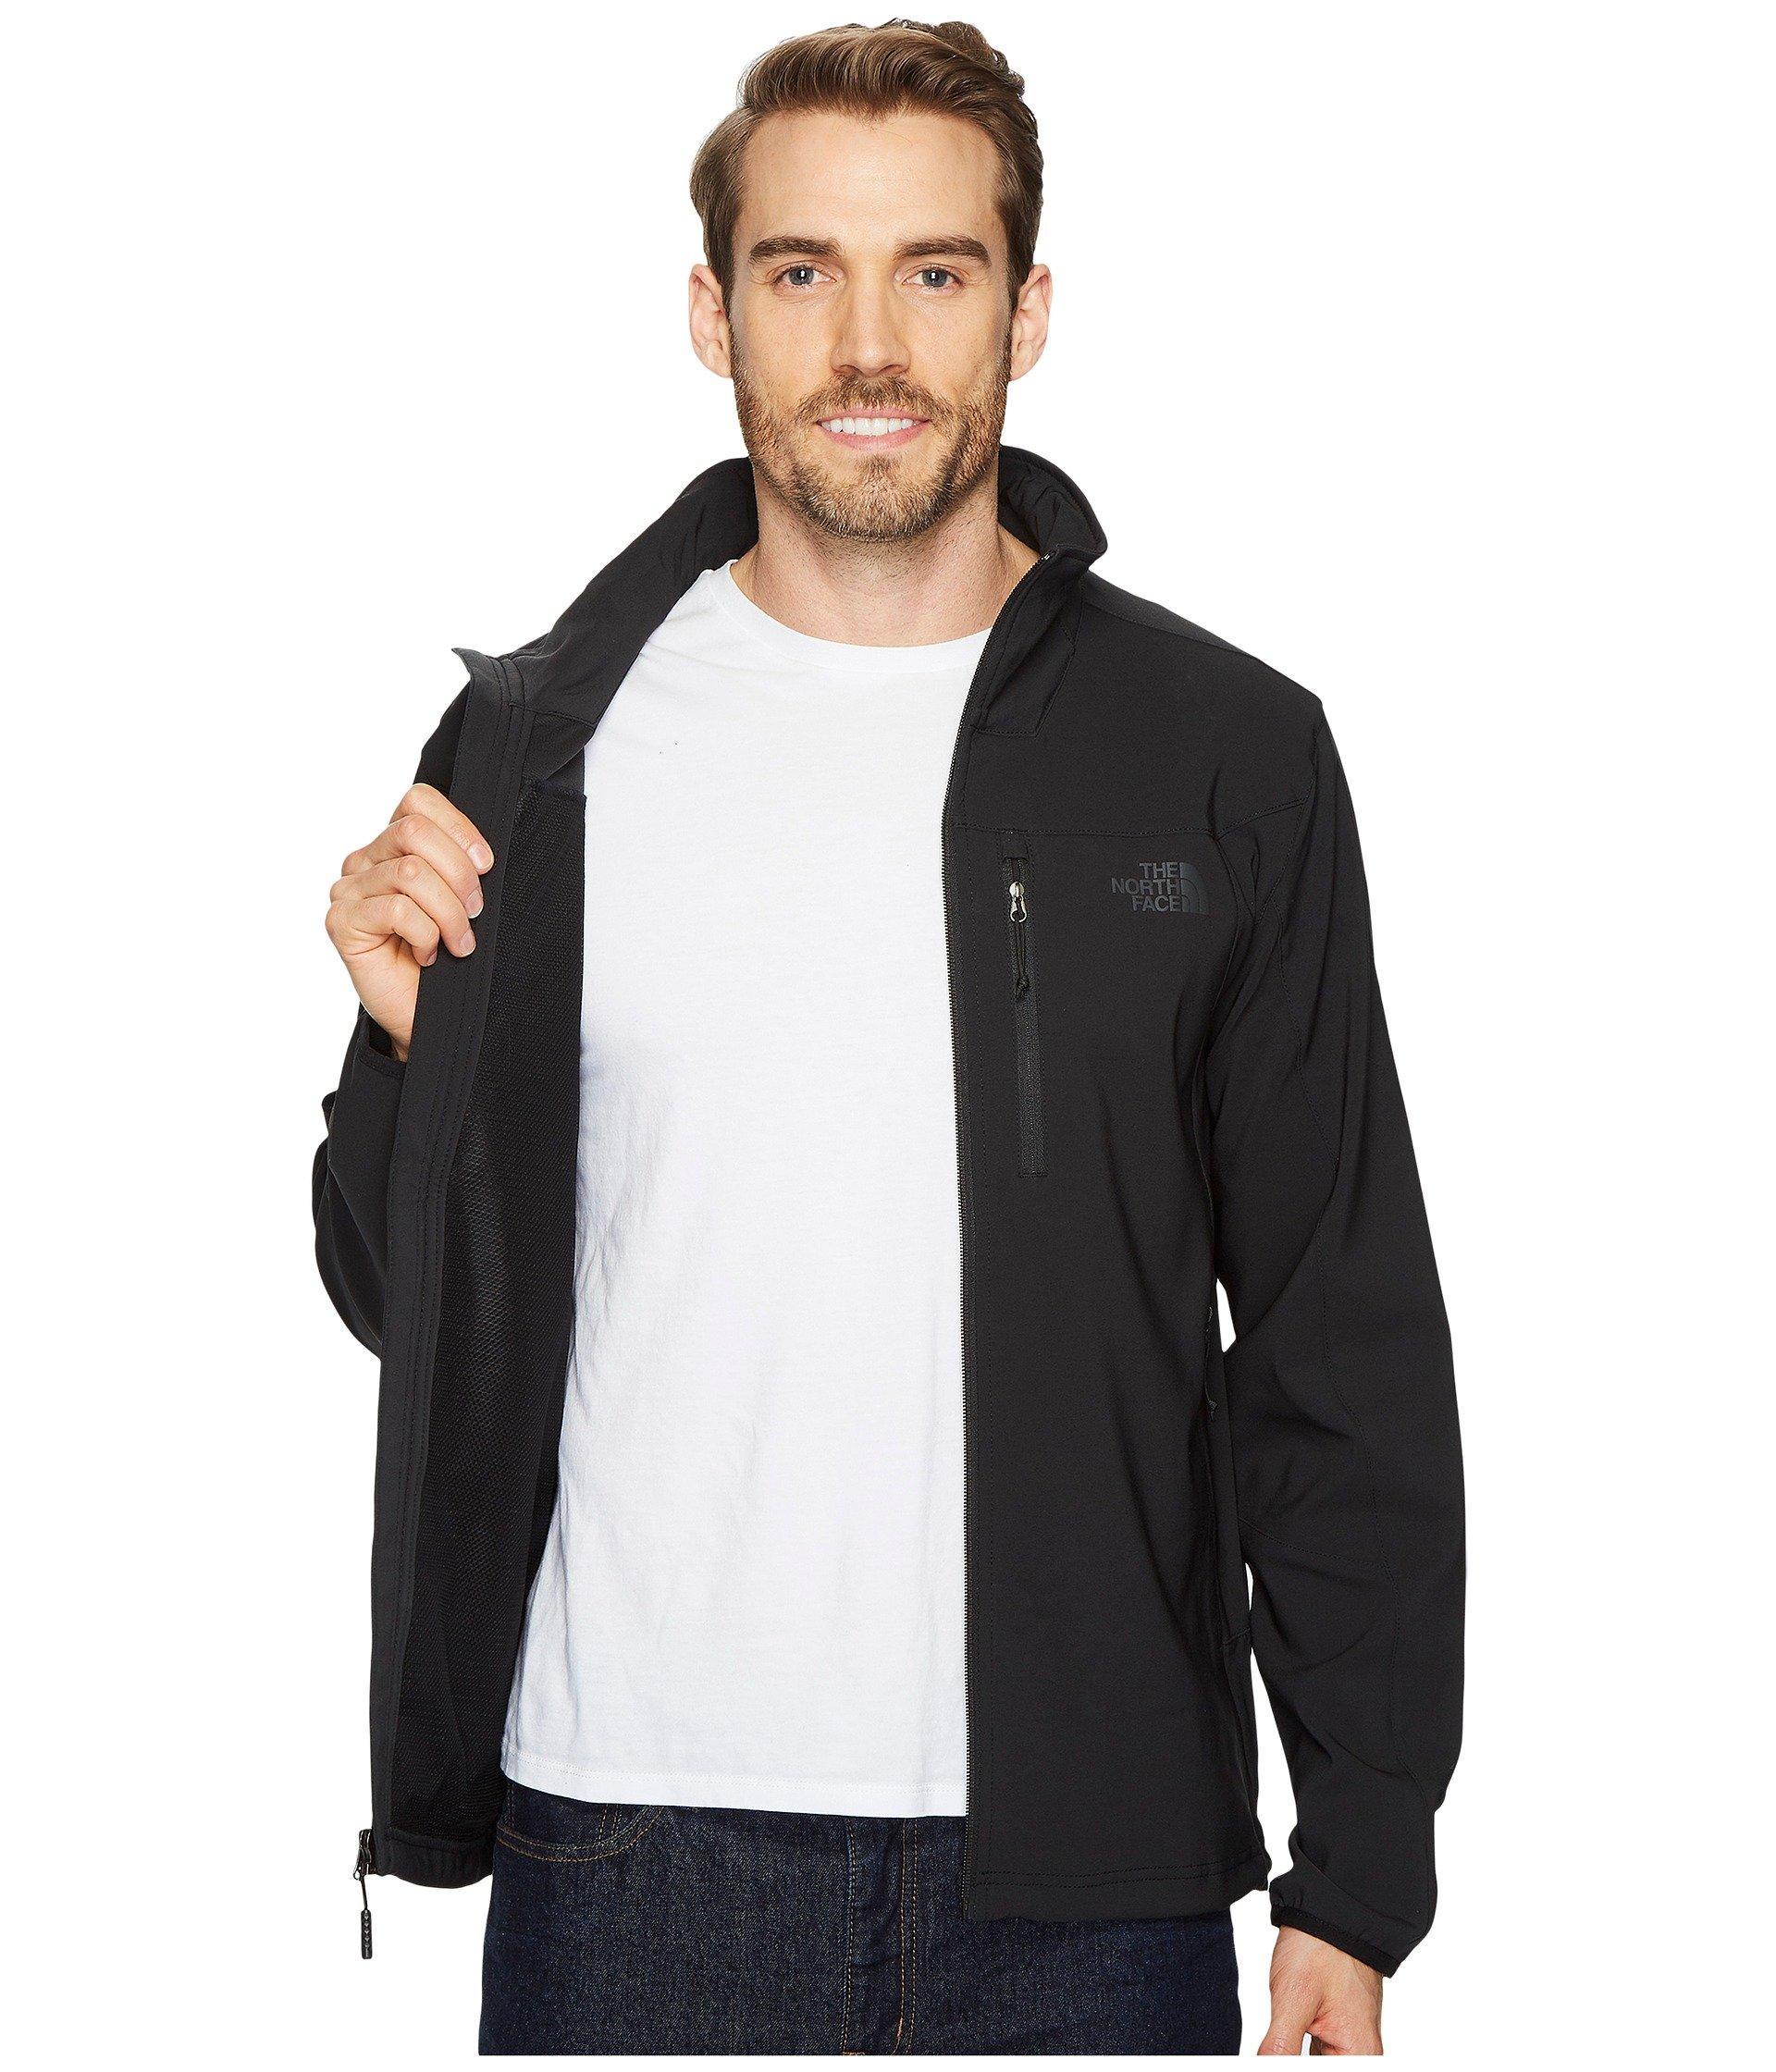 d549d3338e06f The North Face Apex Nimble Jacket (tnf Black/tnf Black) Men's Coat ...